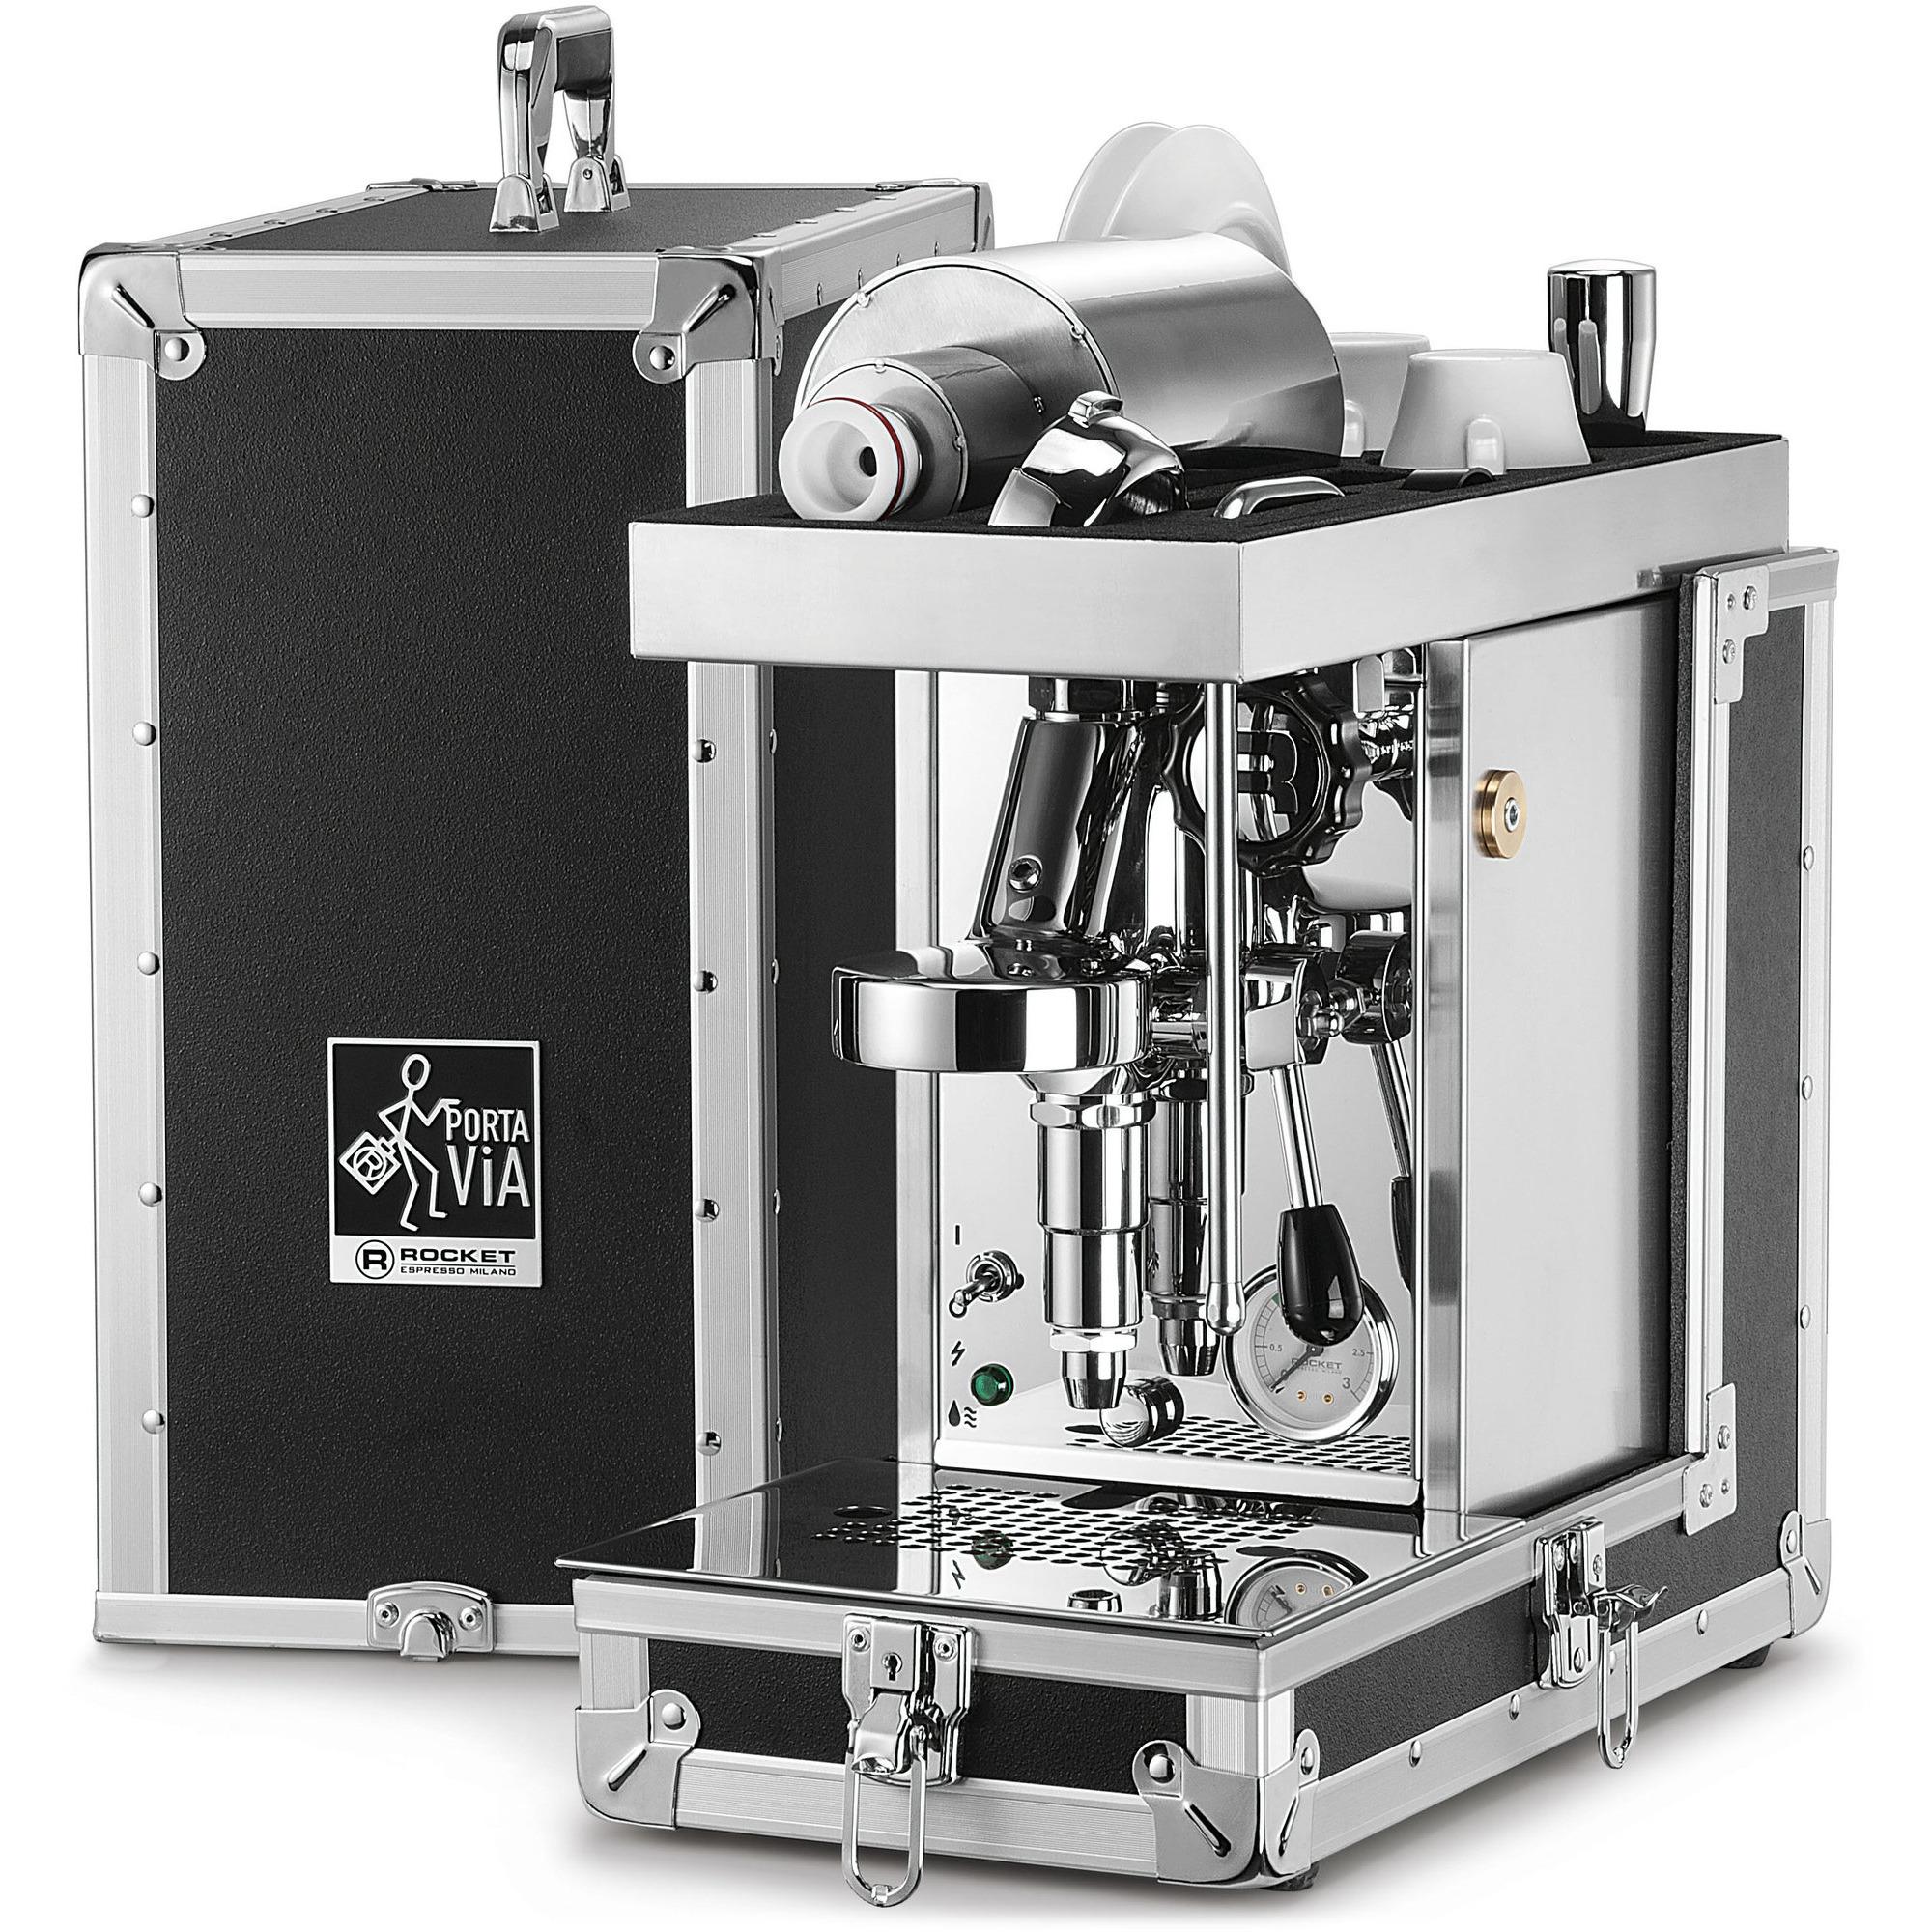 Rocket Porta Via portabel espressomaskin